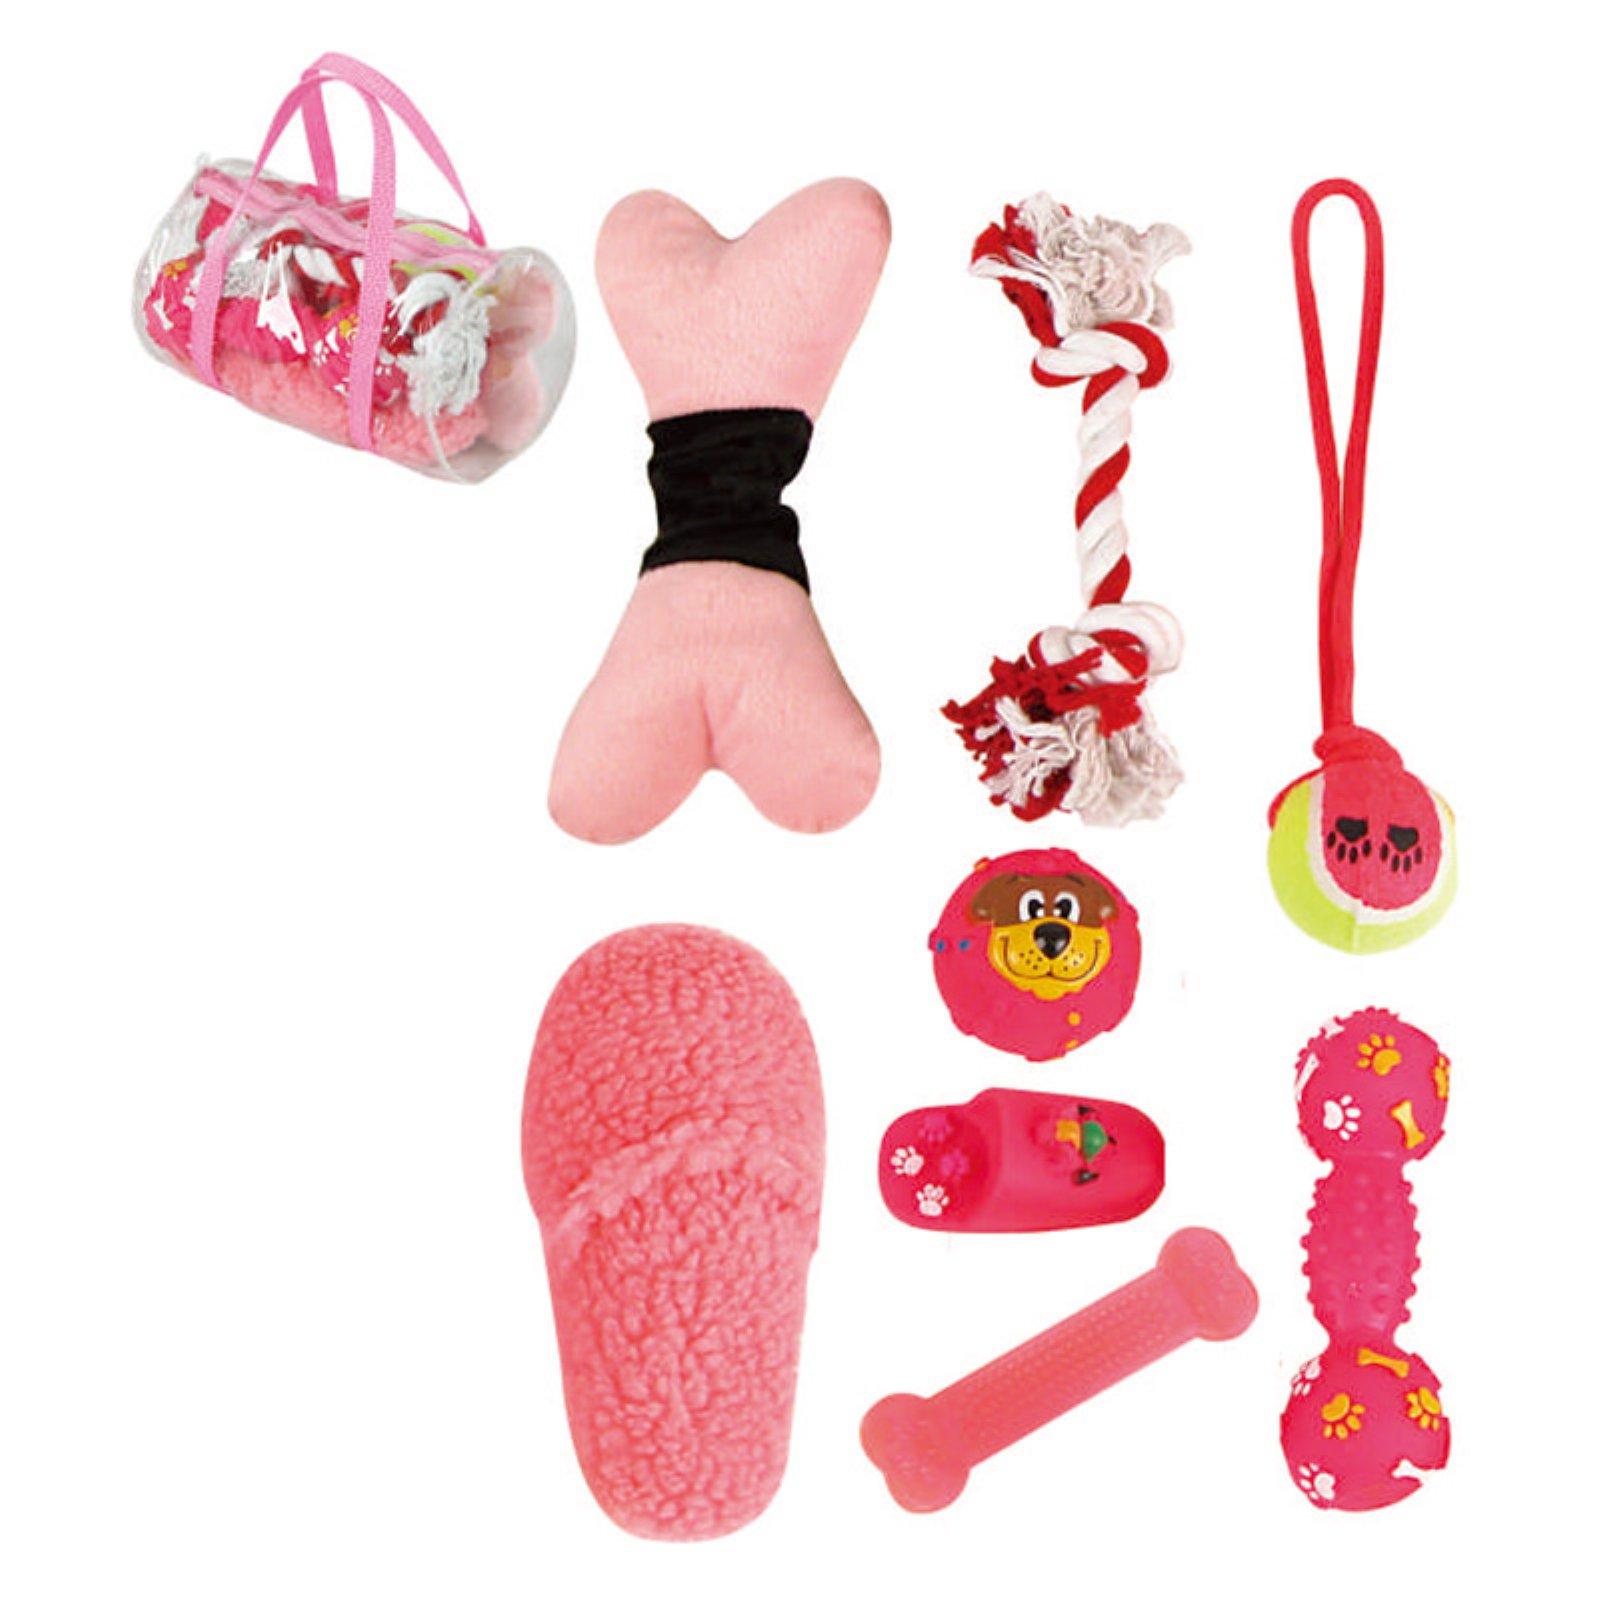 Pet Life 8-Piece Duffle Pet Dog Toy Set - Pink